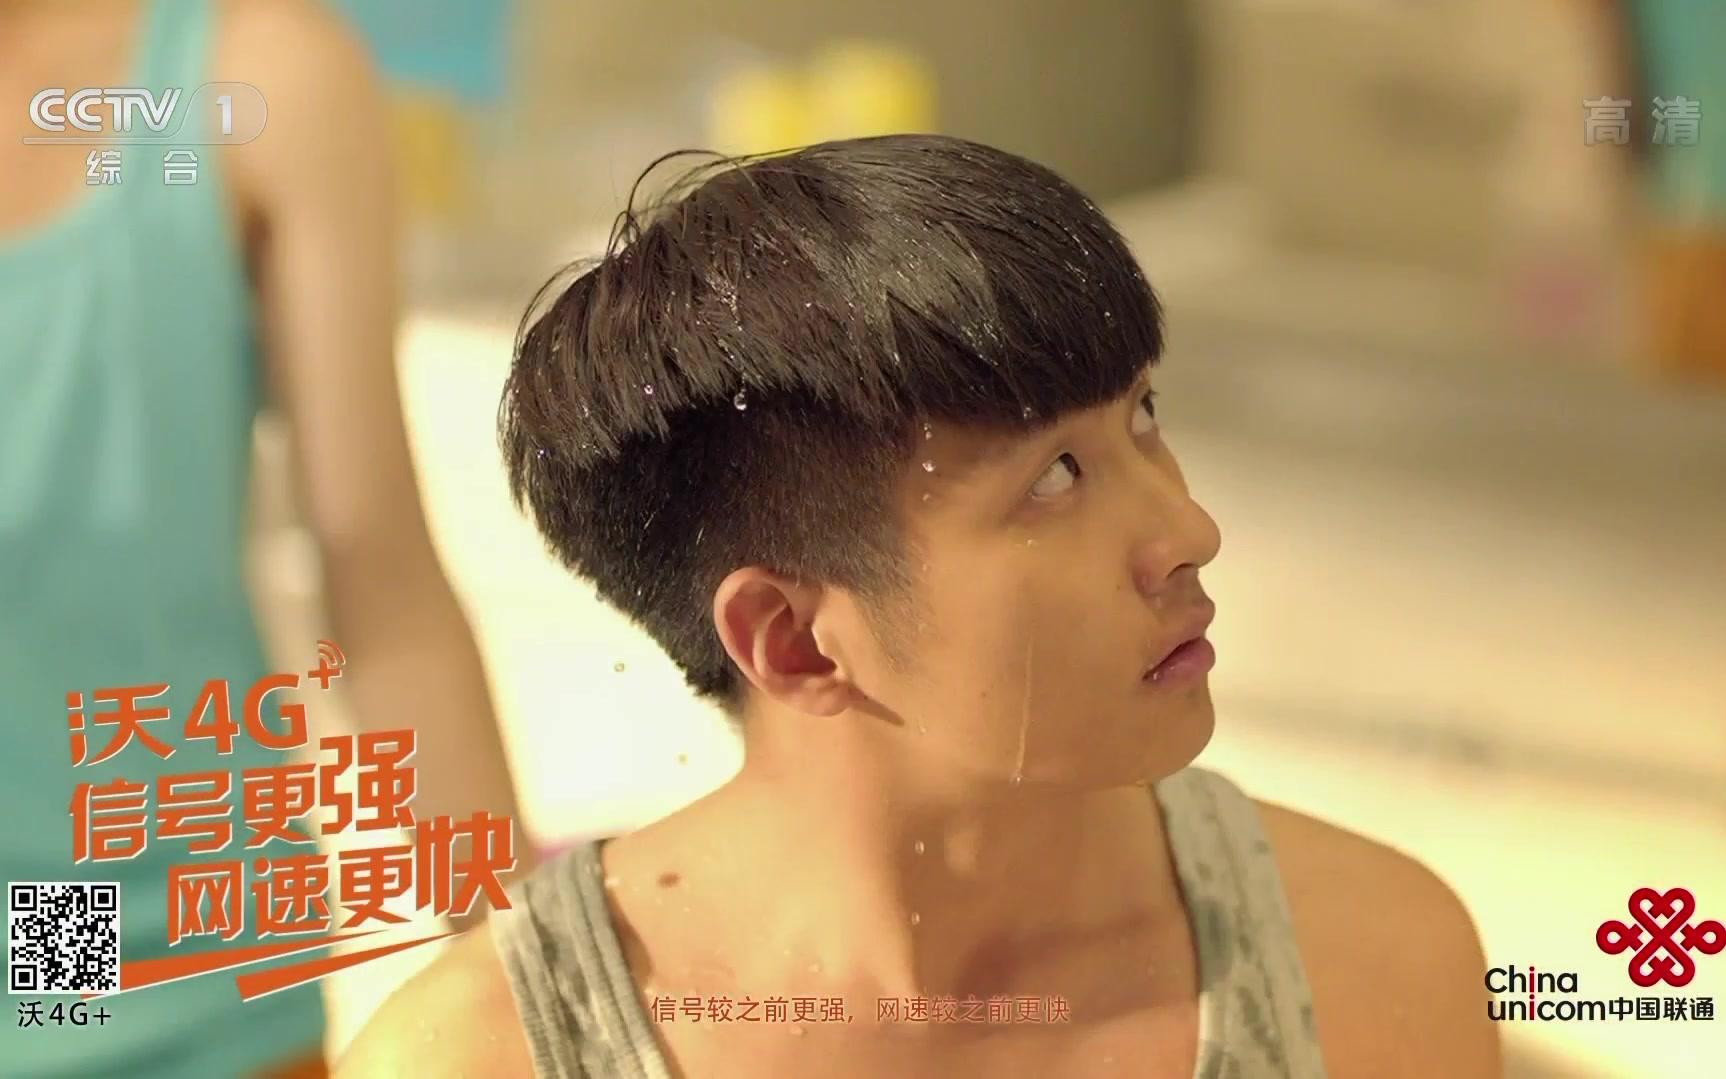 央视广告欣赏-中国联通沃4G+-2